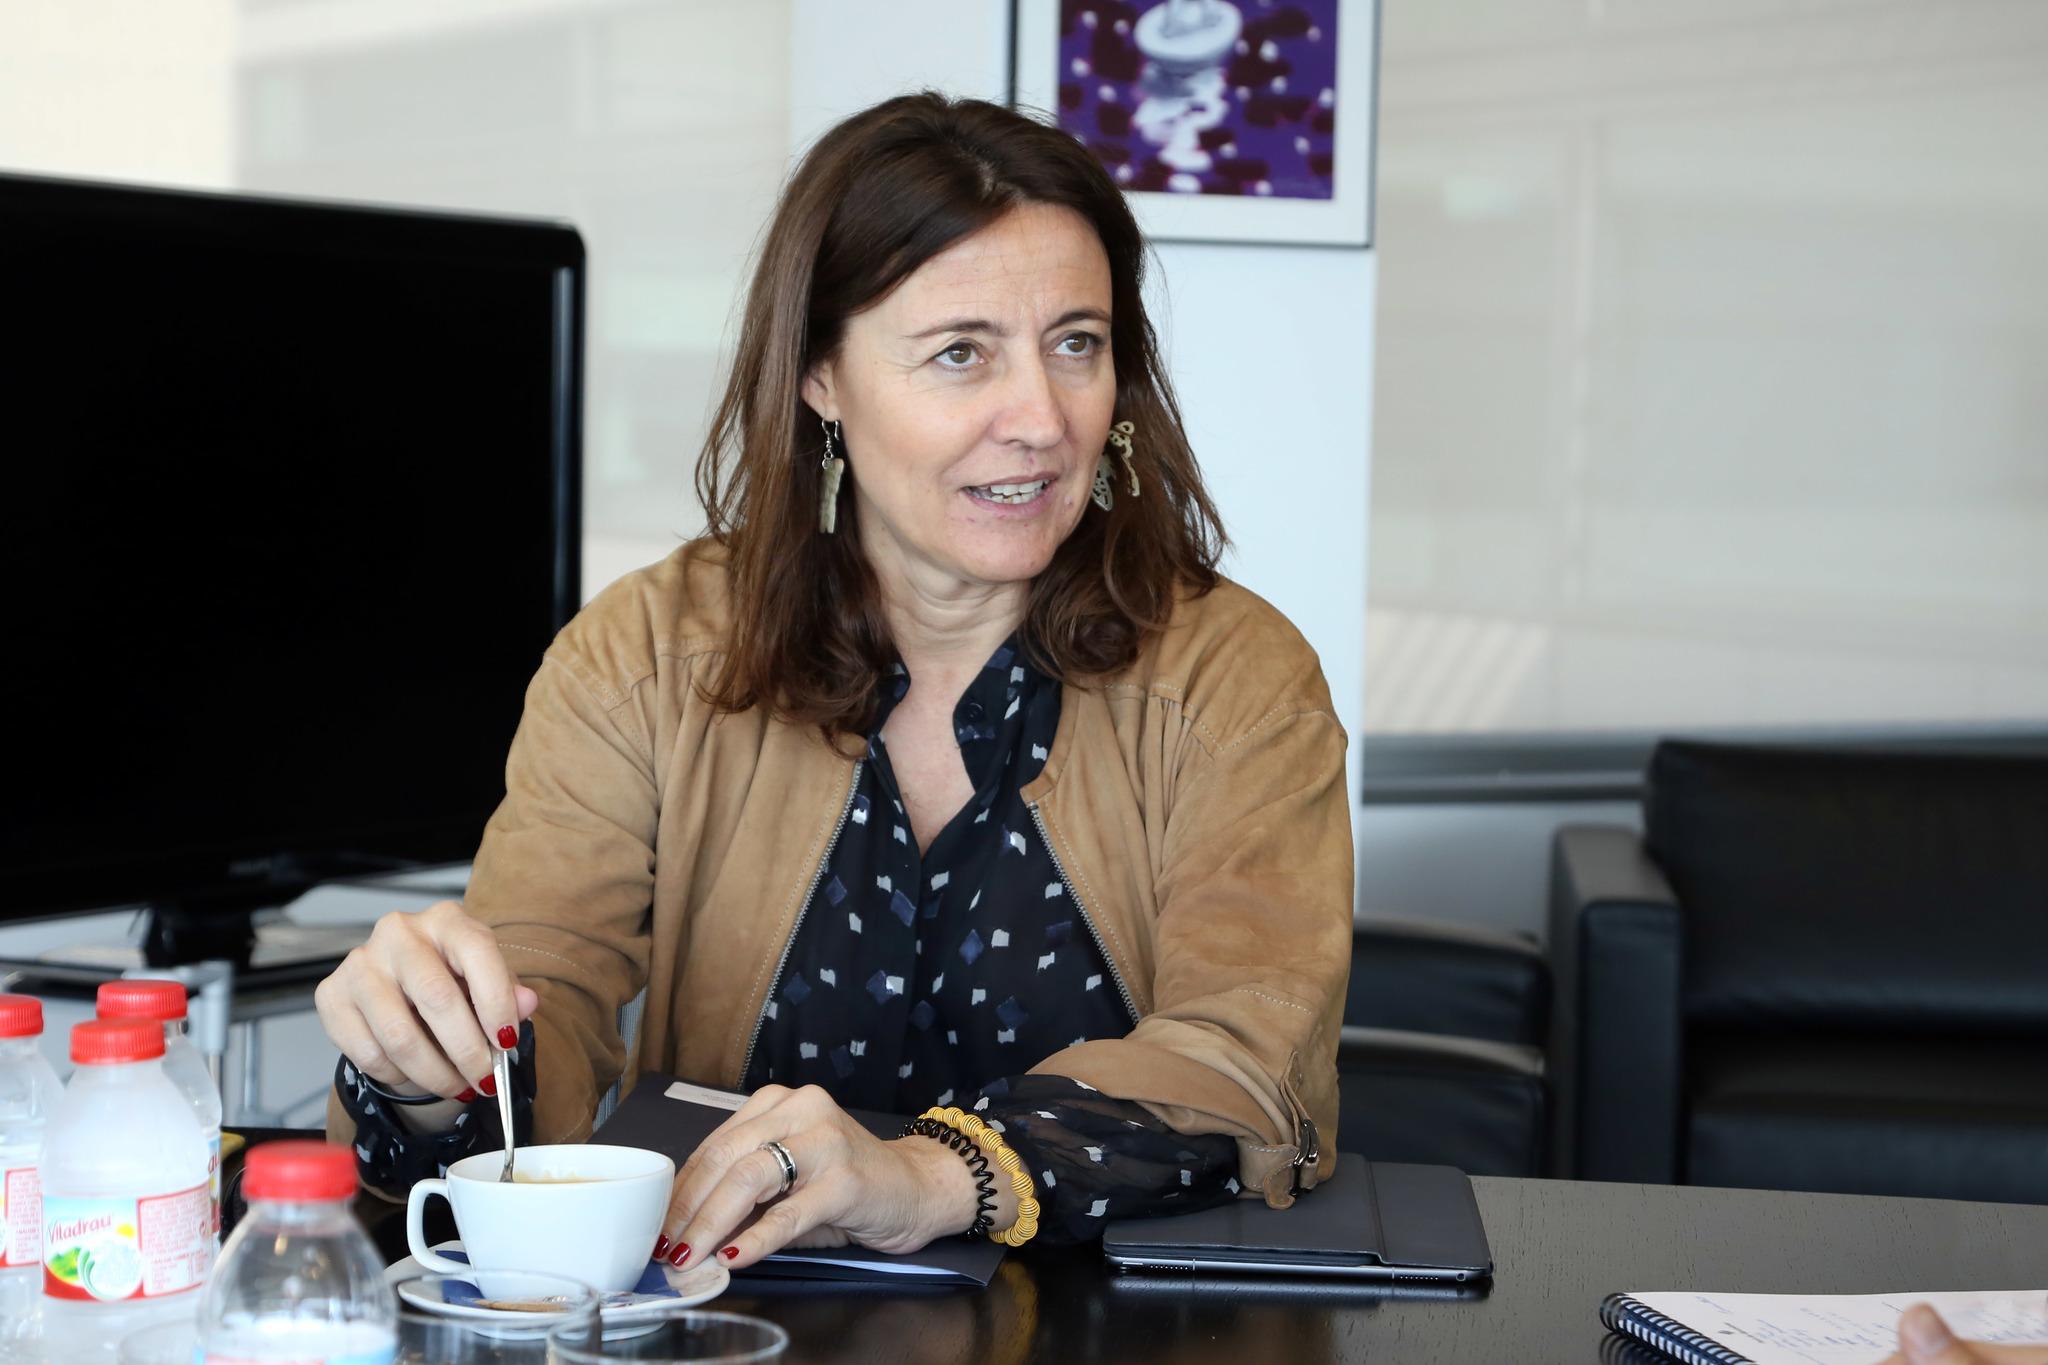 La presidenta de la Autoridad Portuaria de Barcelona ydel consejo nacional del PDeCAT, Mercè Conesa, en una imagen de archivo.